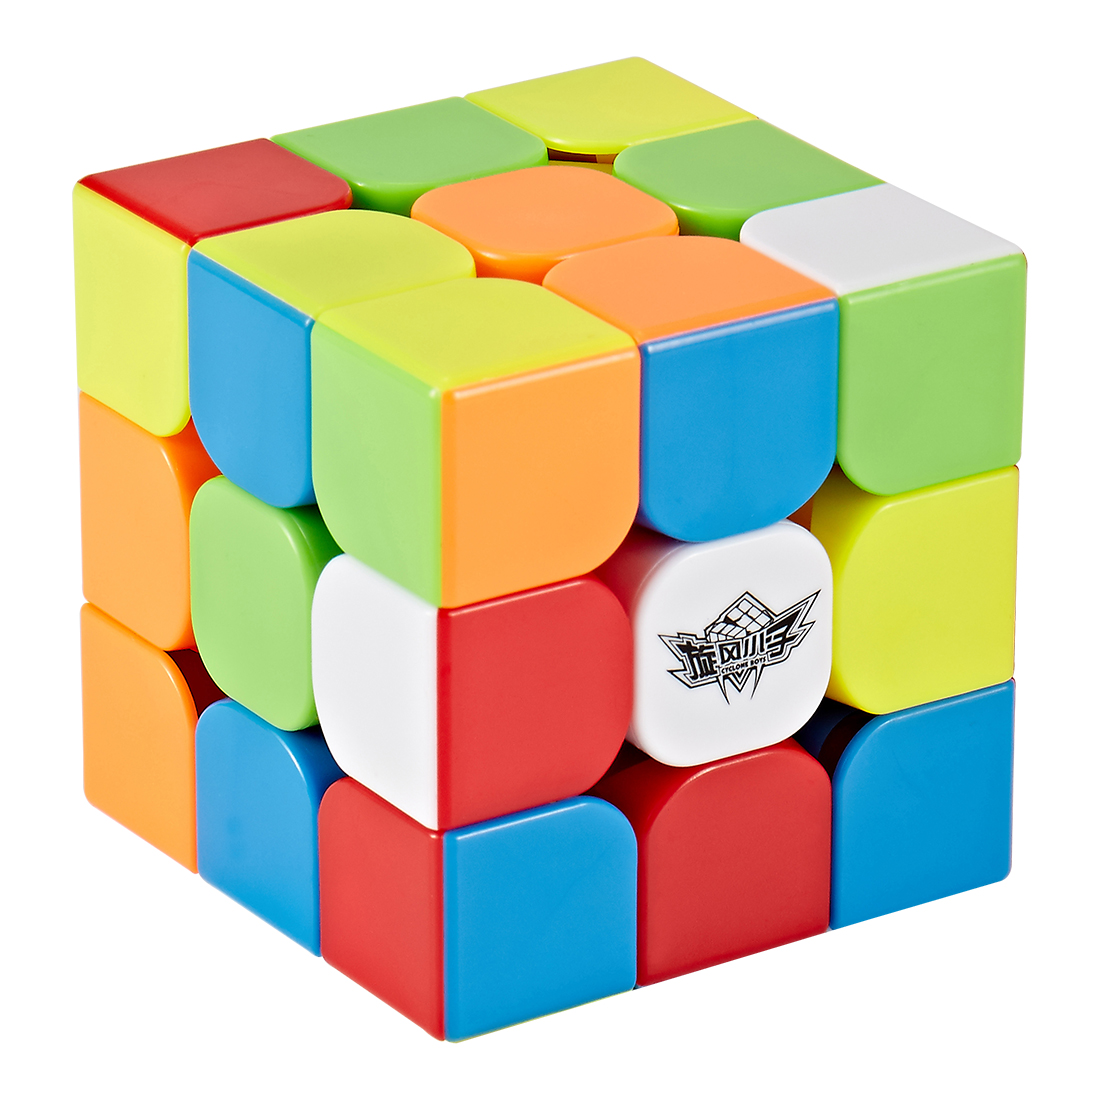 Cyclone Garçons Feijue 3x3 Magnétique Version Magic Cube Stickerless Vitesse Cube Puzzle Jouet-Coloré